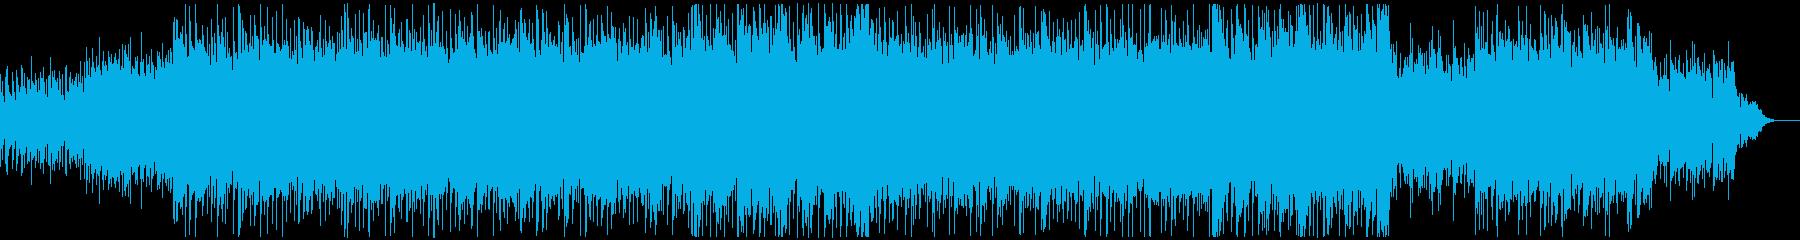 エスニカルな紀行ものBGMの再生済みの波形